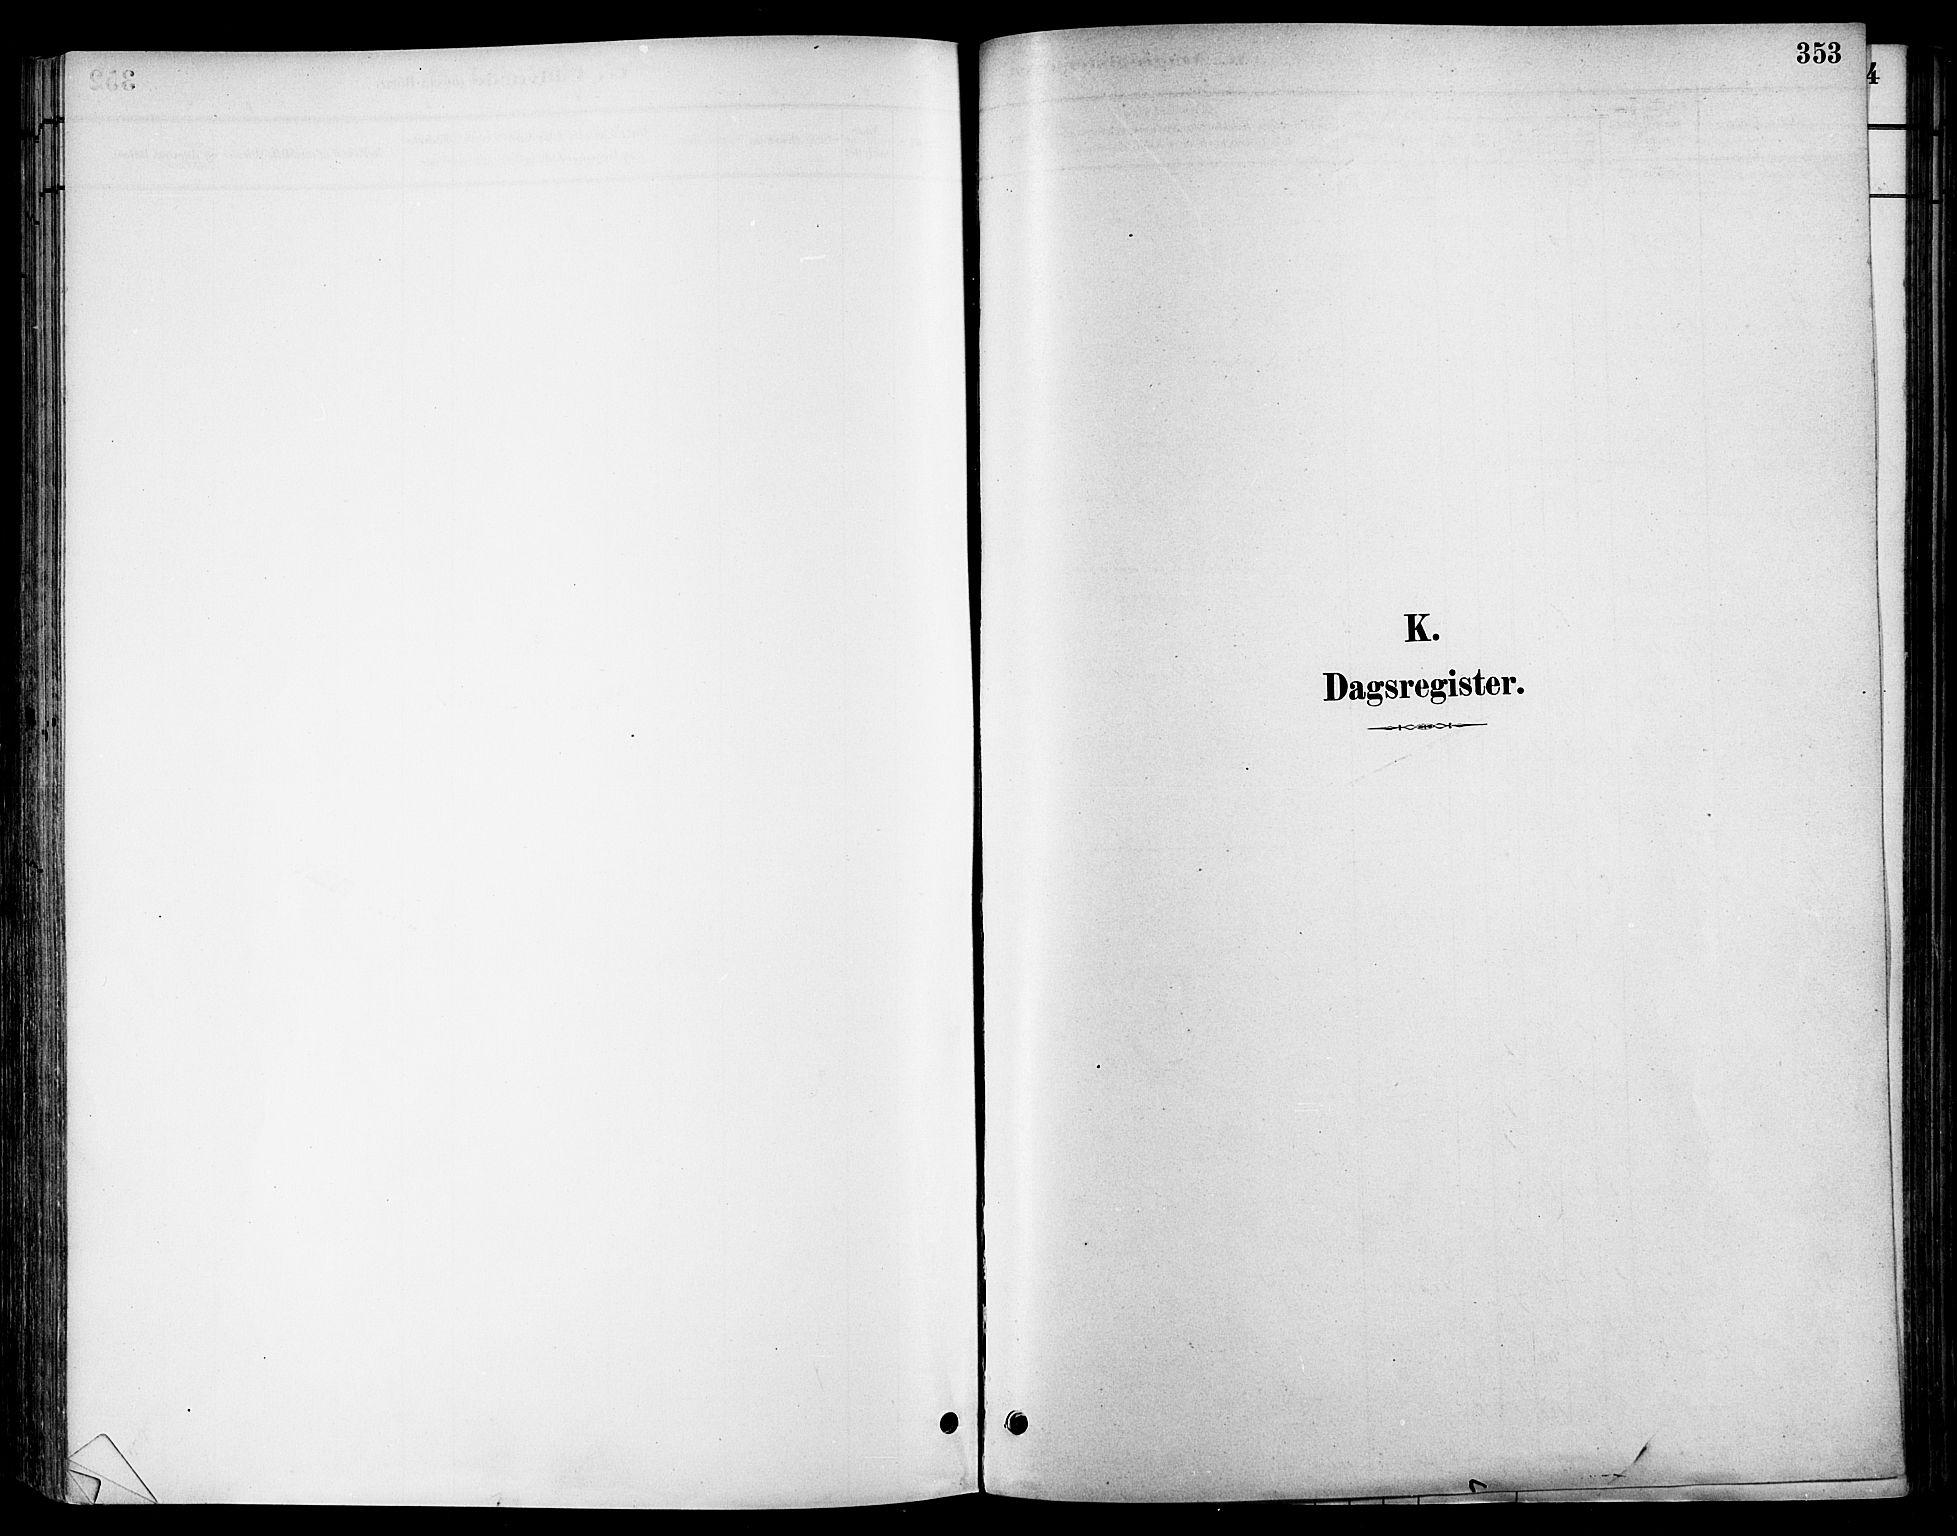 SAT, Ministerialprotokoller, klokkerbøker og fødselsregistre - Sør-Trøndelag, 678/L0901: Ministerialbok nr. 678A10, 1881-1894, s. 353